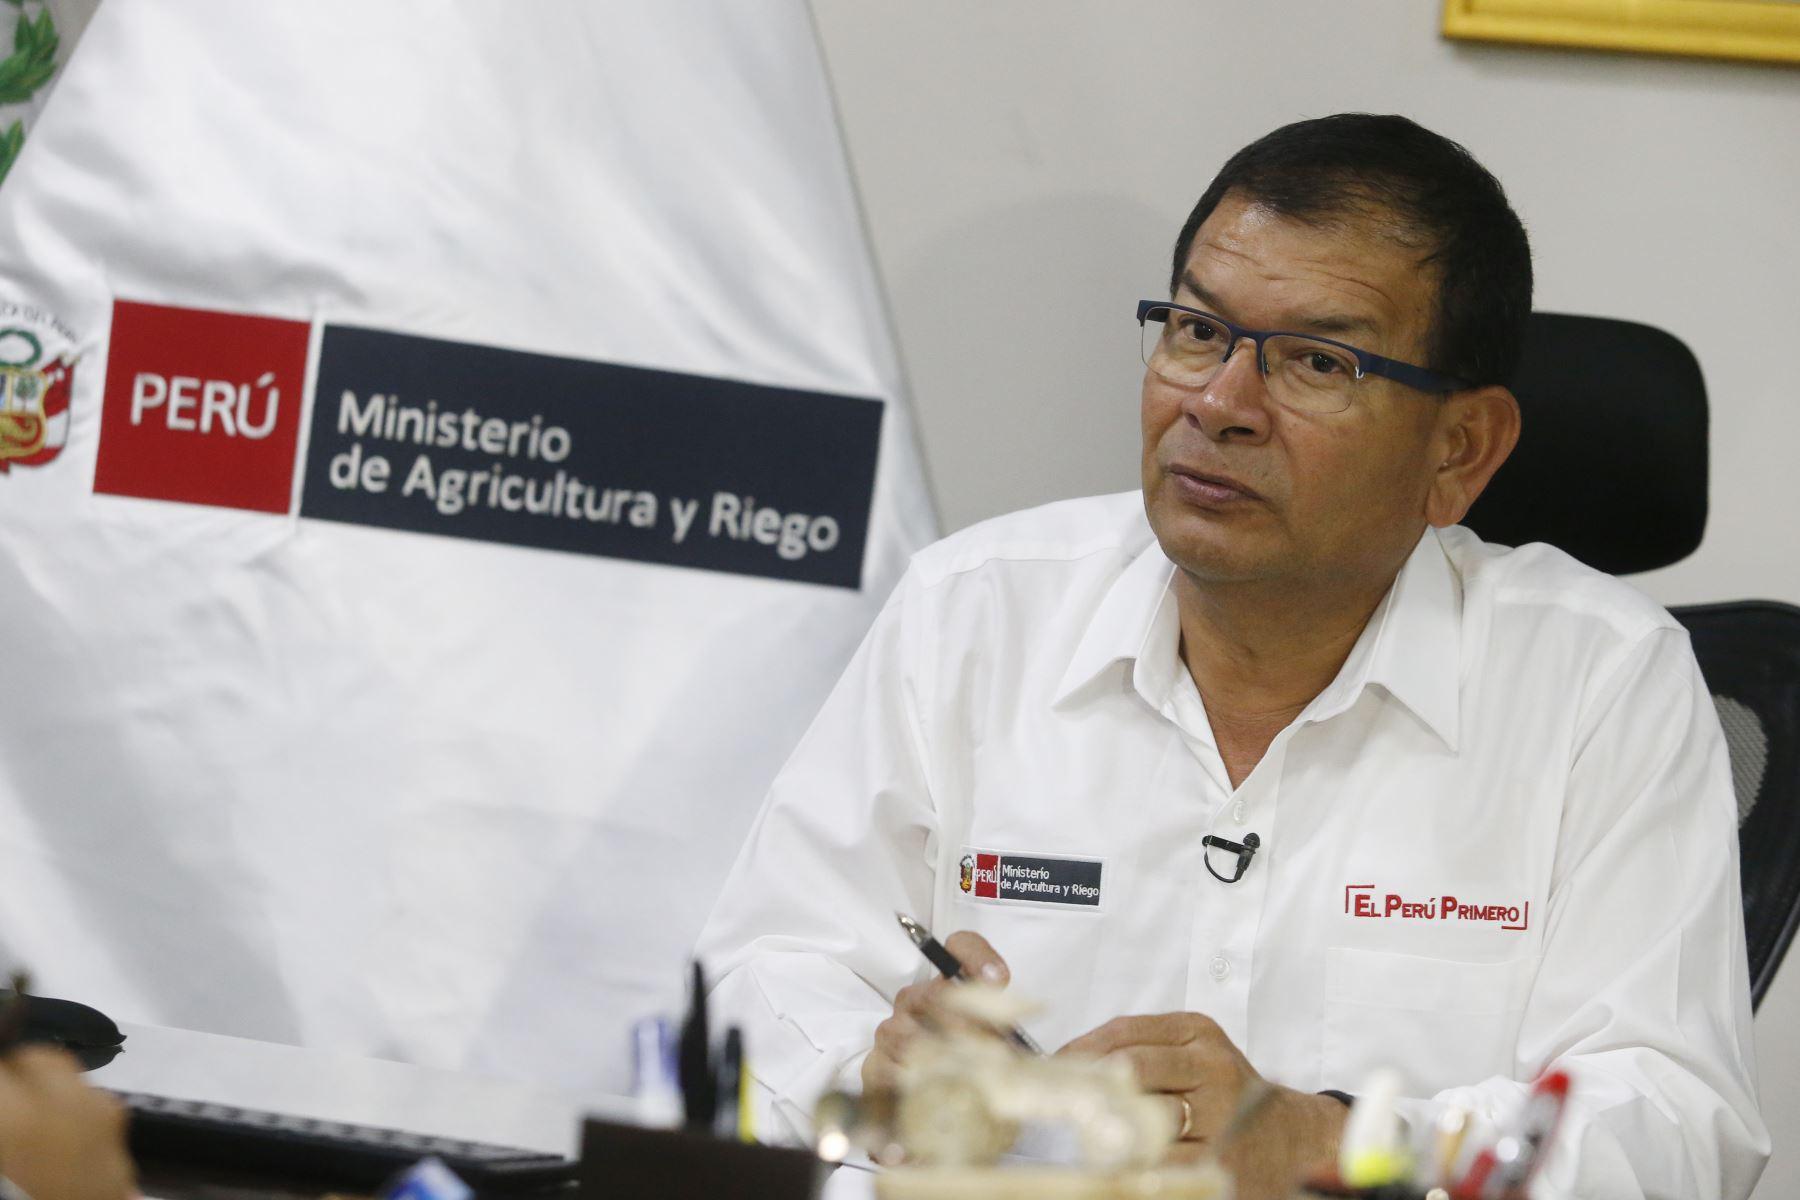 Ministro de Agricultura y Riego, Jorge Luis Montenegro. ANDINA/Eddy Ramos